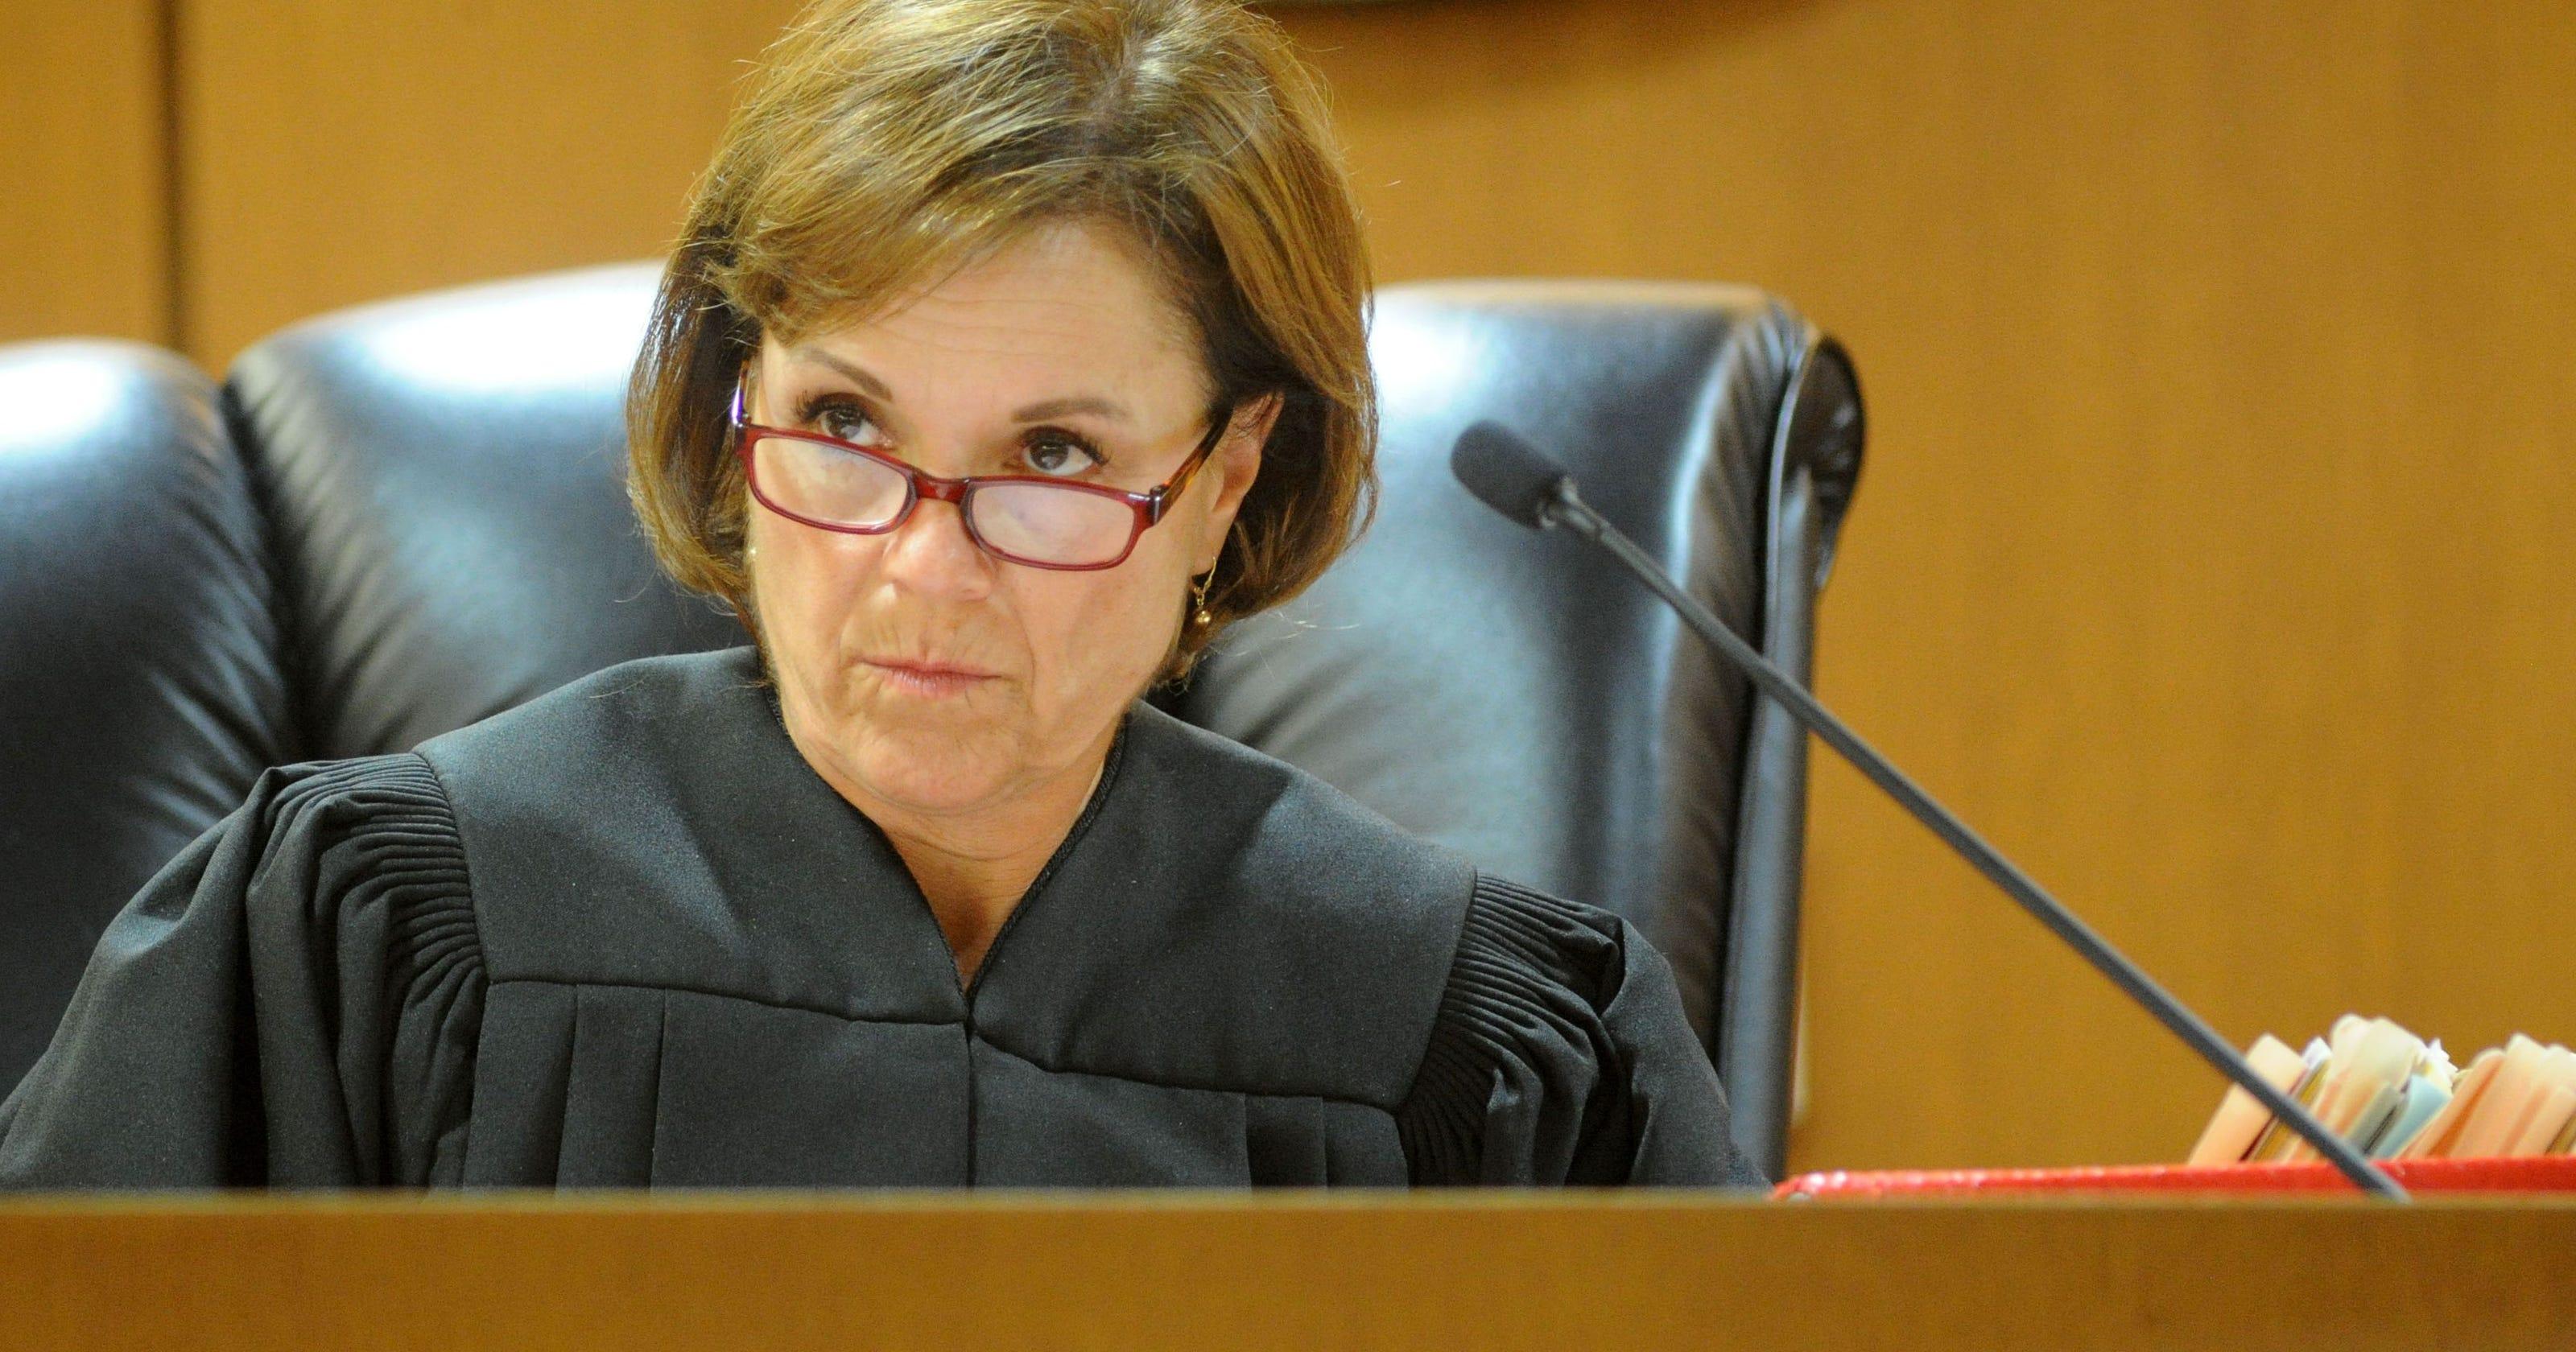 Judge-shortages-affect-courts